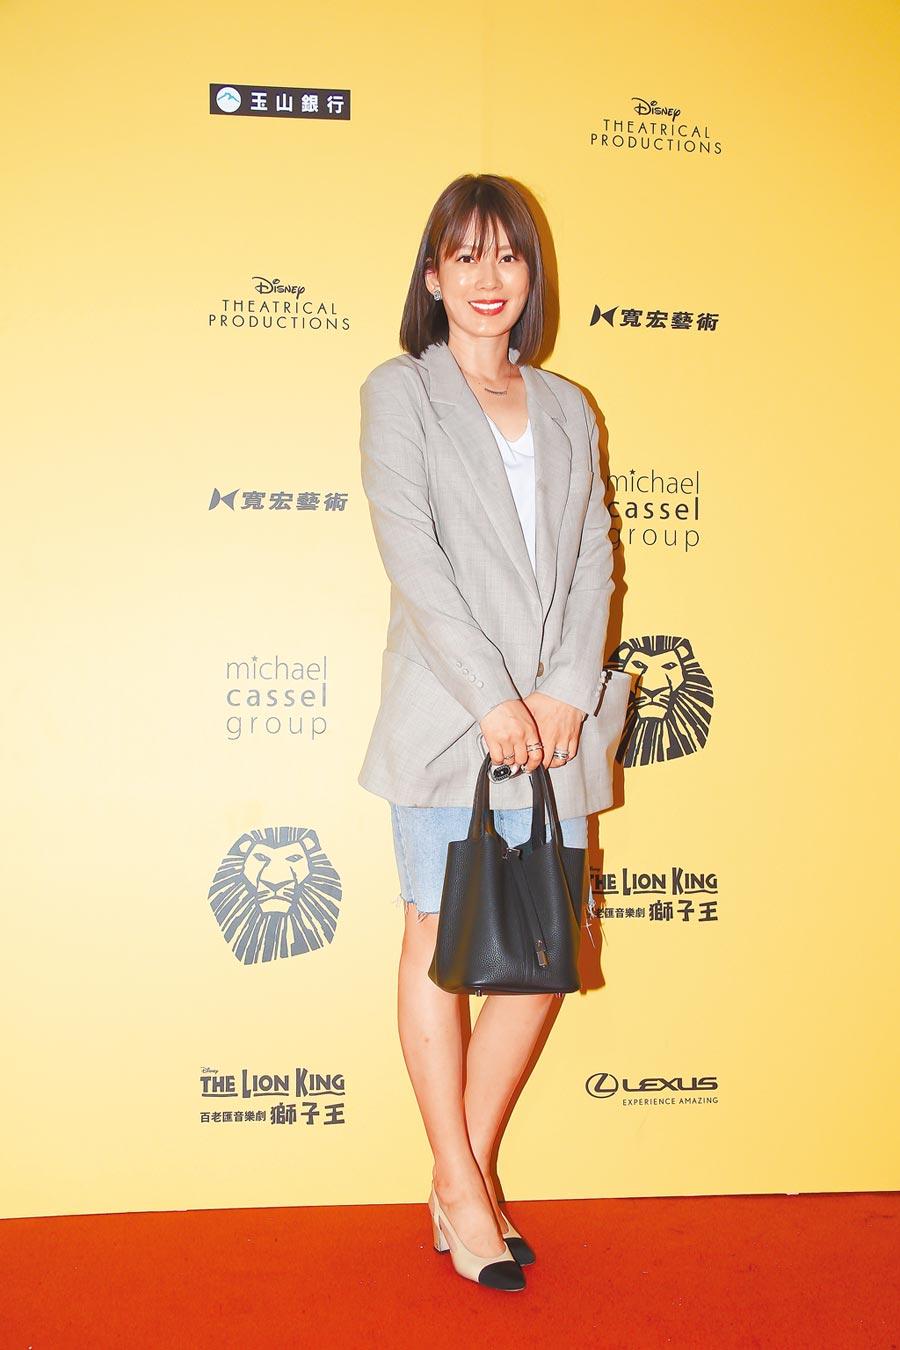 Melody昨受訪表示特別期待觀賞《獅子王》演出。(羅永銘攝)